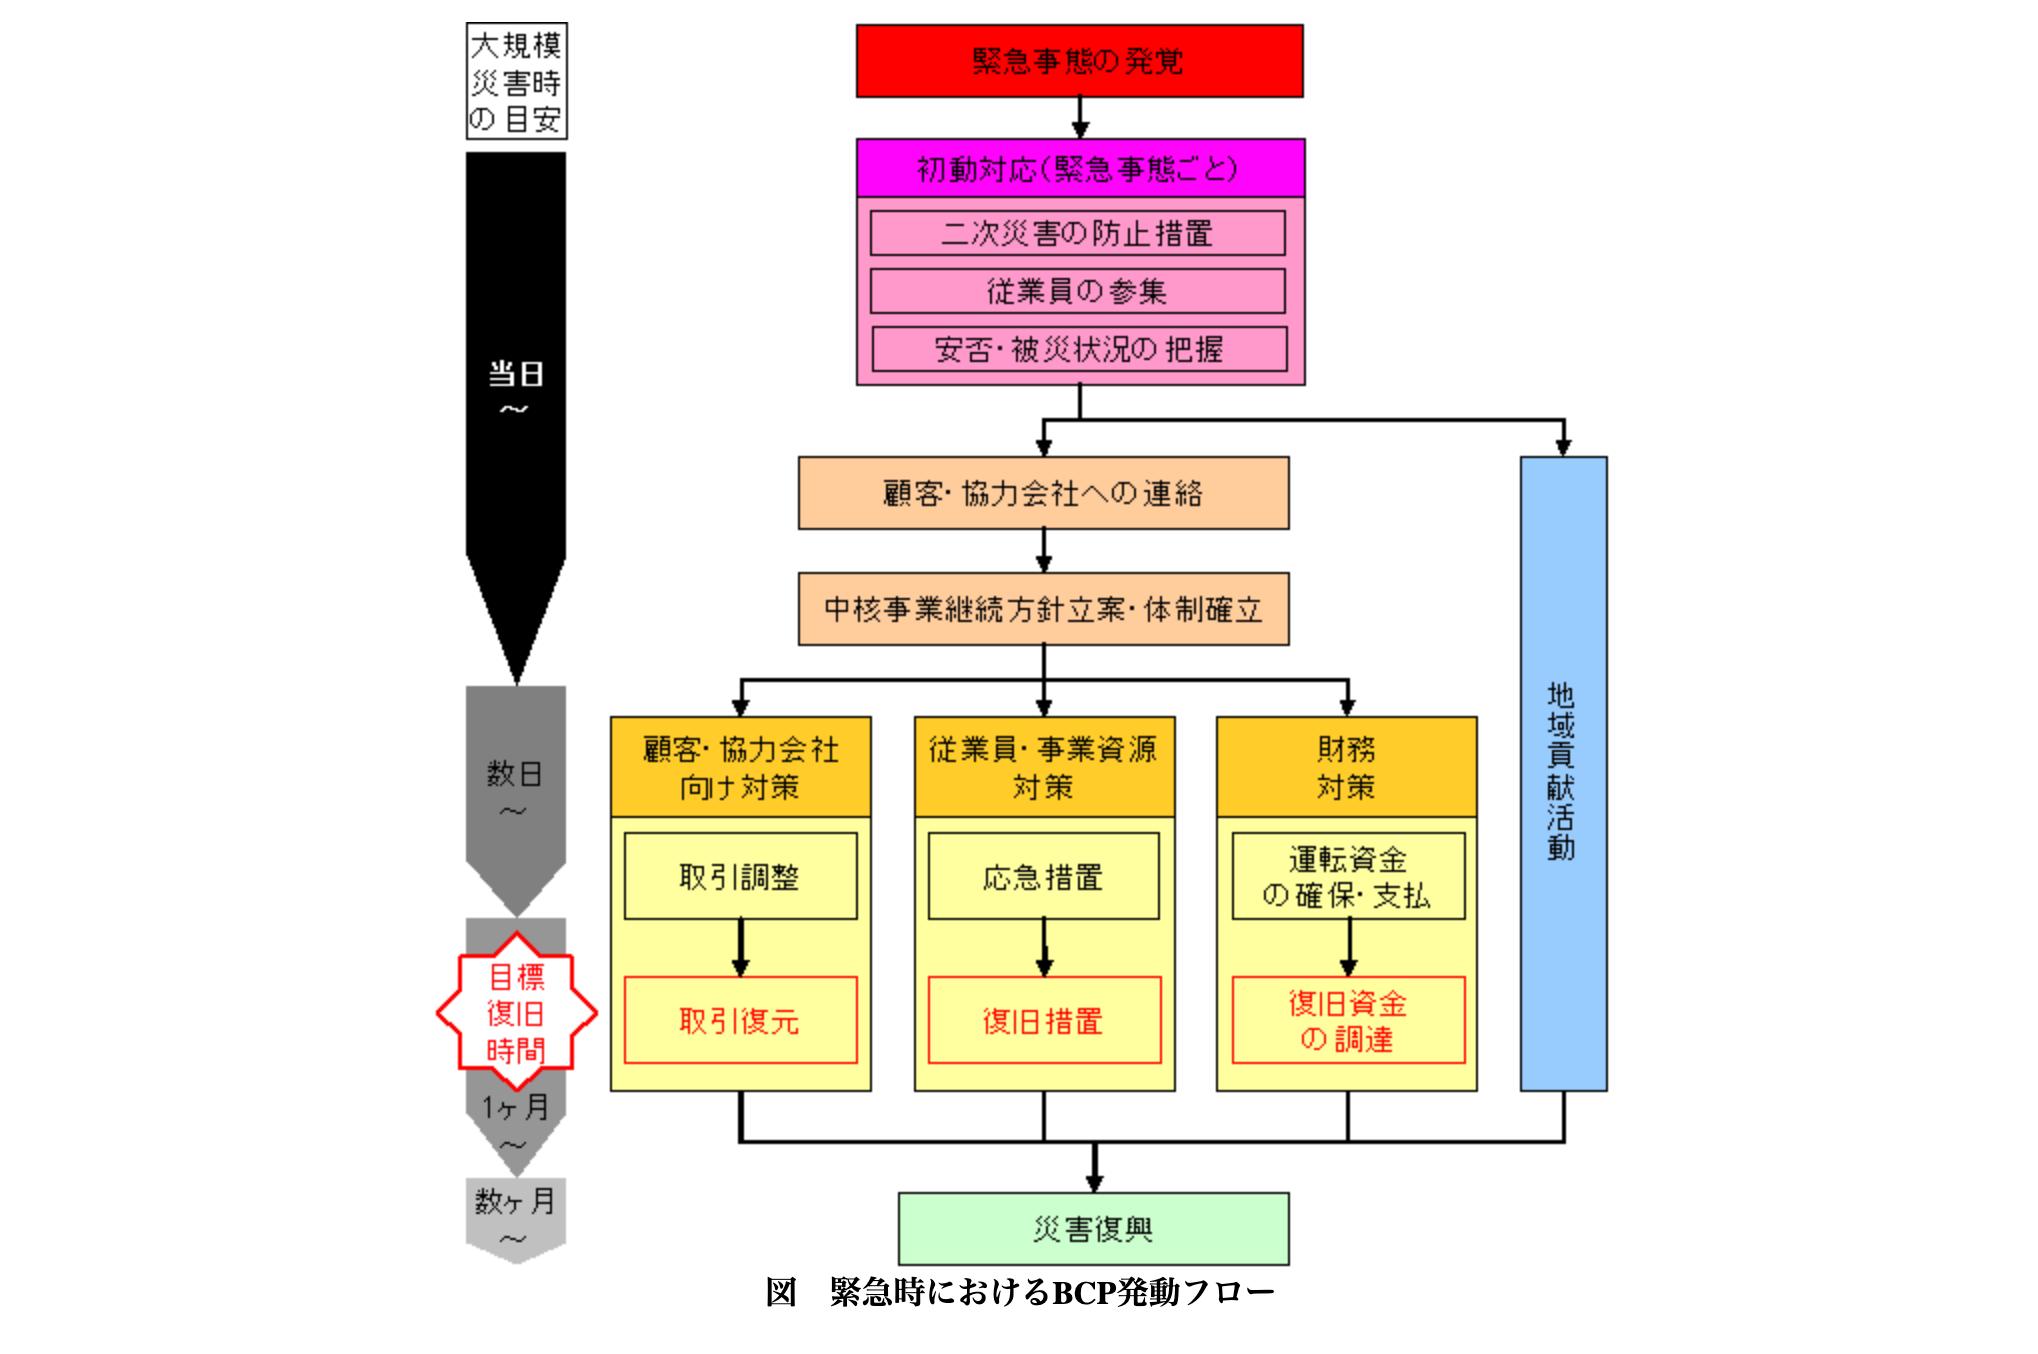 中小企業庁の定める、緊急時の初動対応及びBCPの発動手順を図式化したもの(https://www.chusho.meti.go.jp/bcp/contents/level_a/bcpgl_04_1.html)